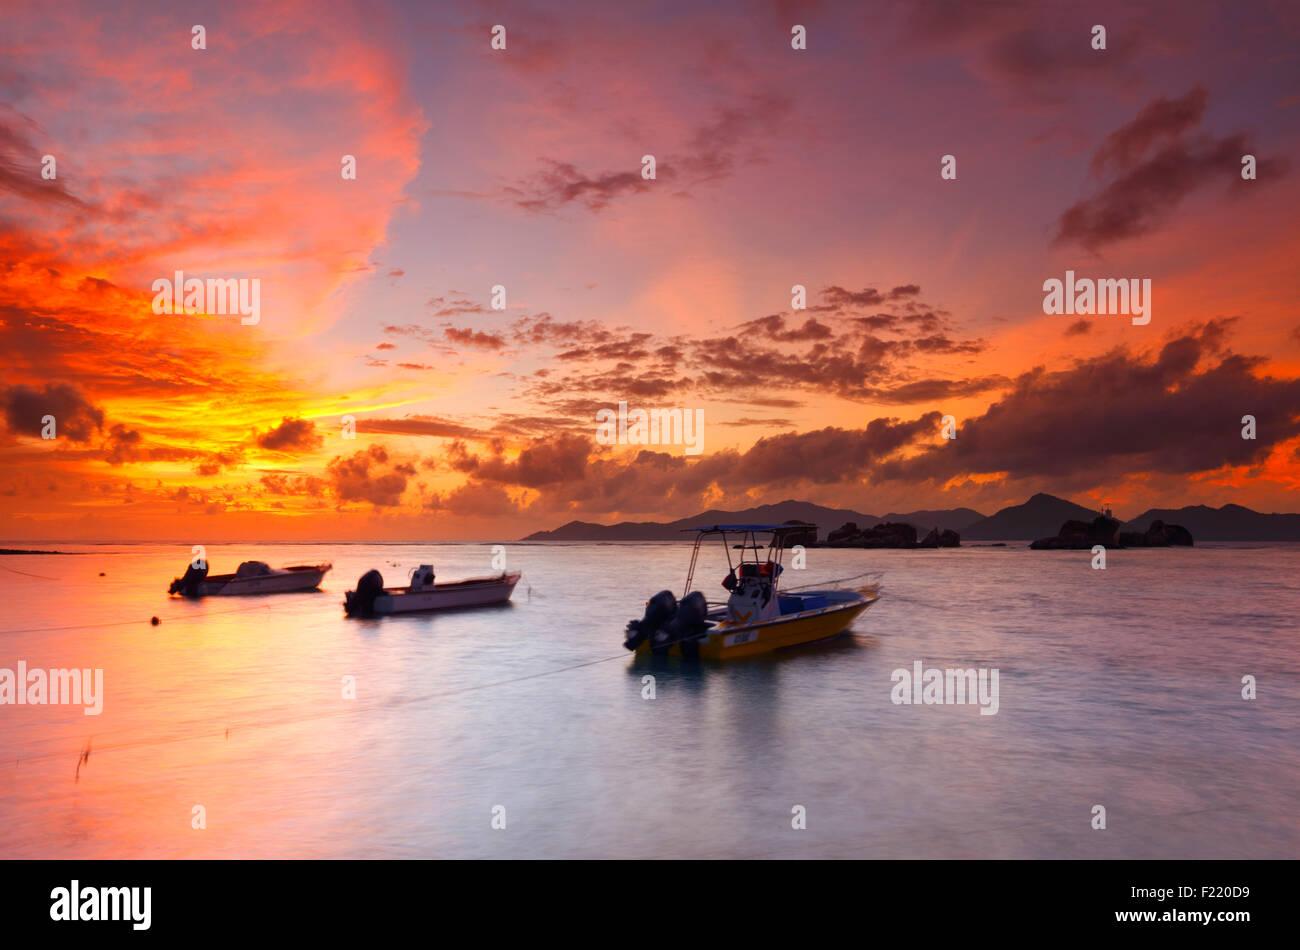 De soleil colorés sur les Seychelles avec un beau nuages. La digue de l'île. Photo Stock